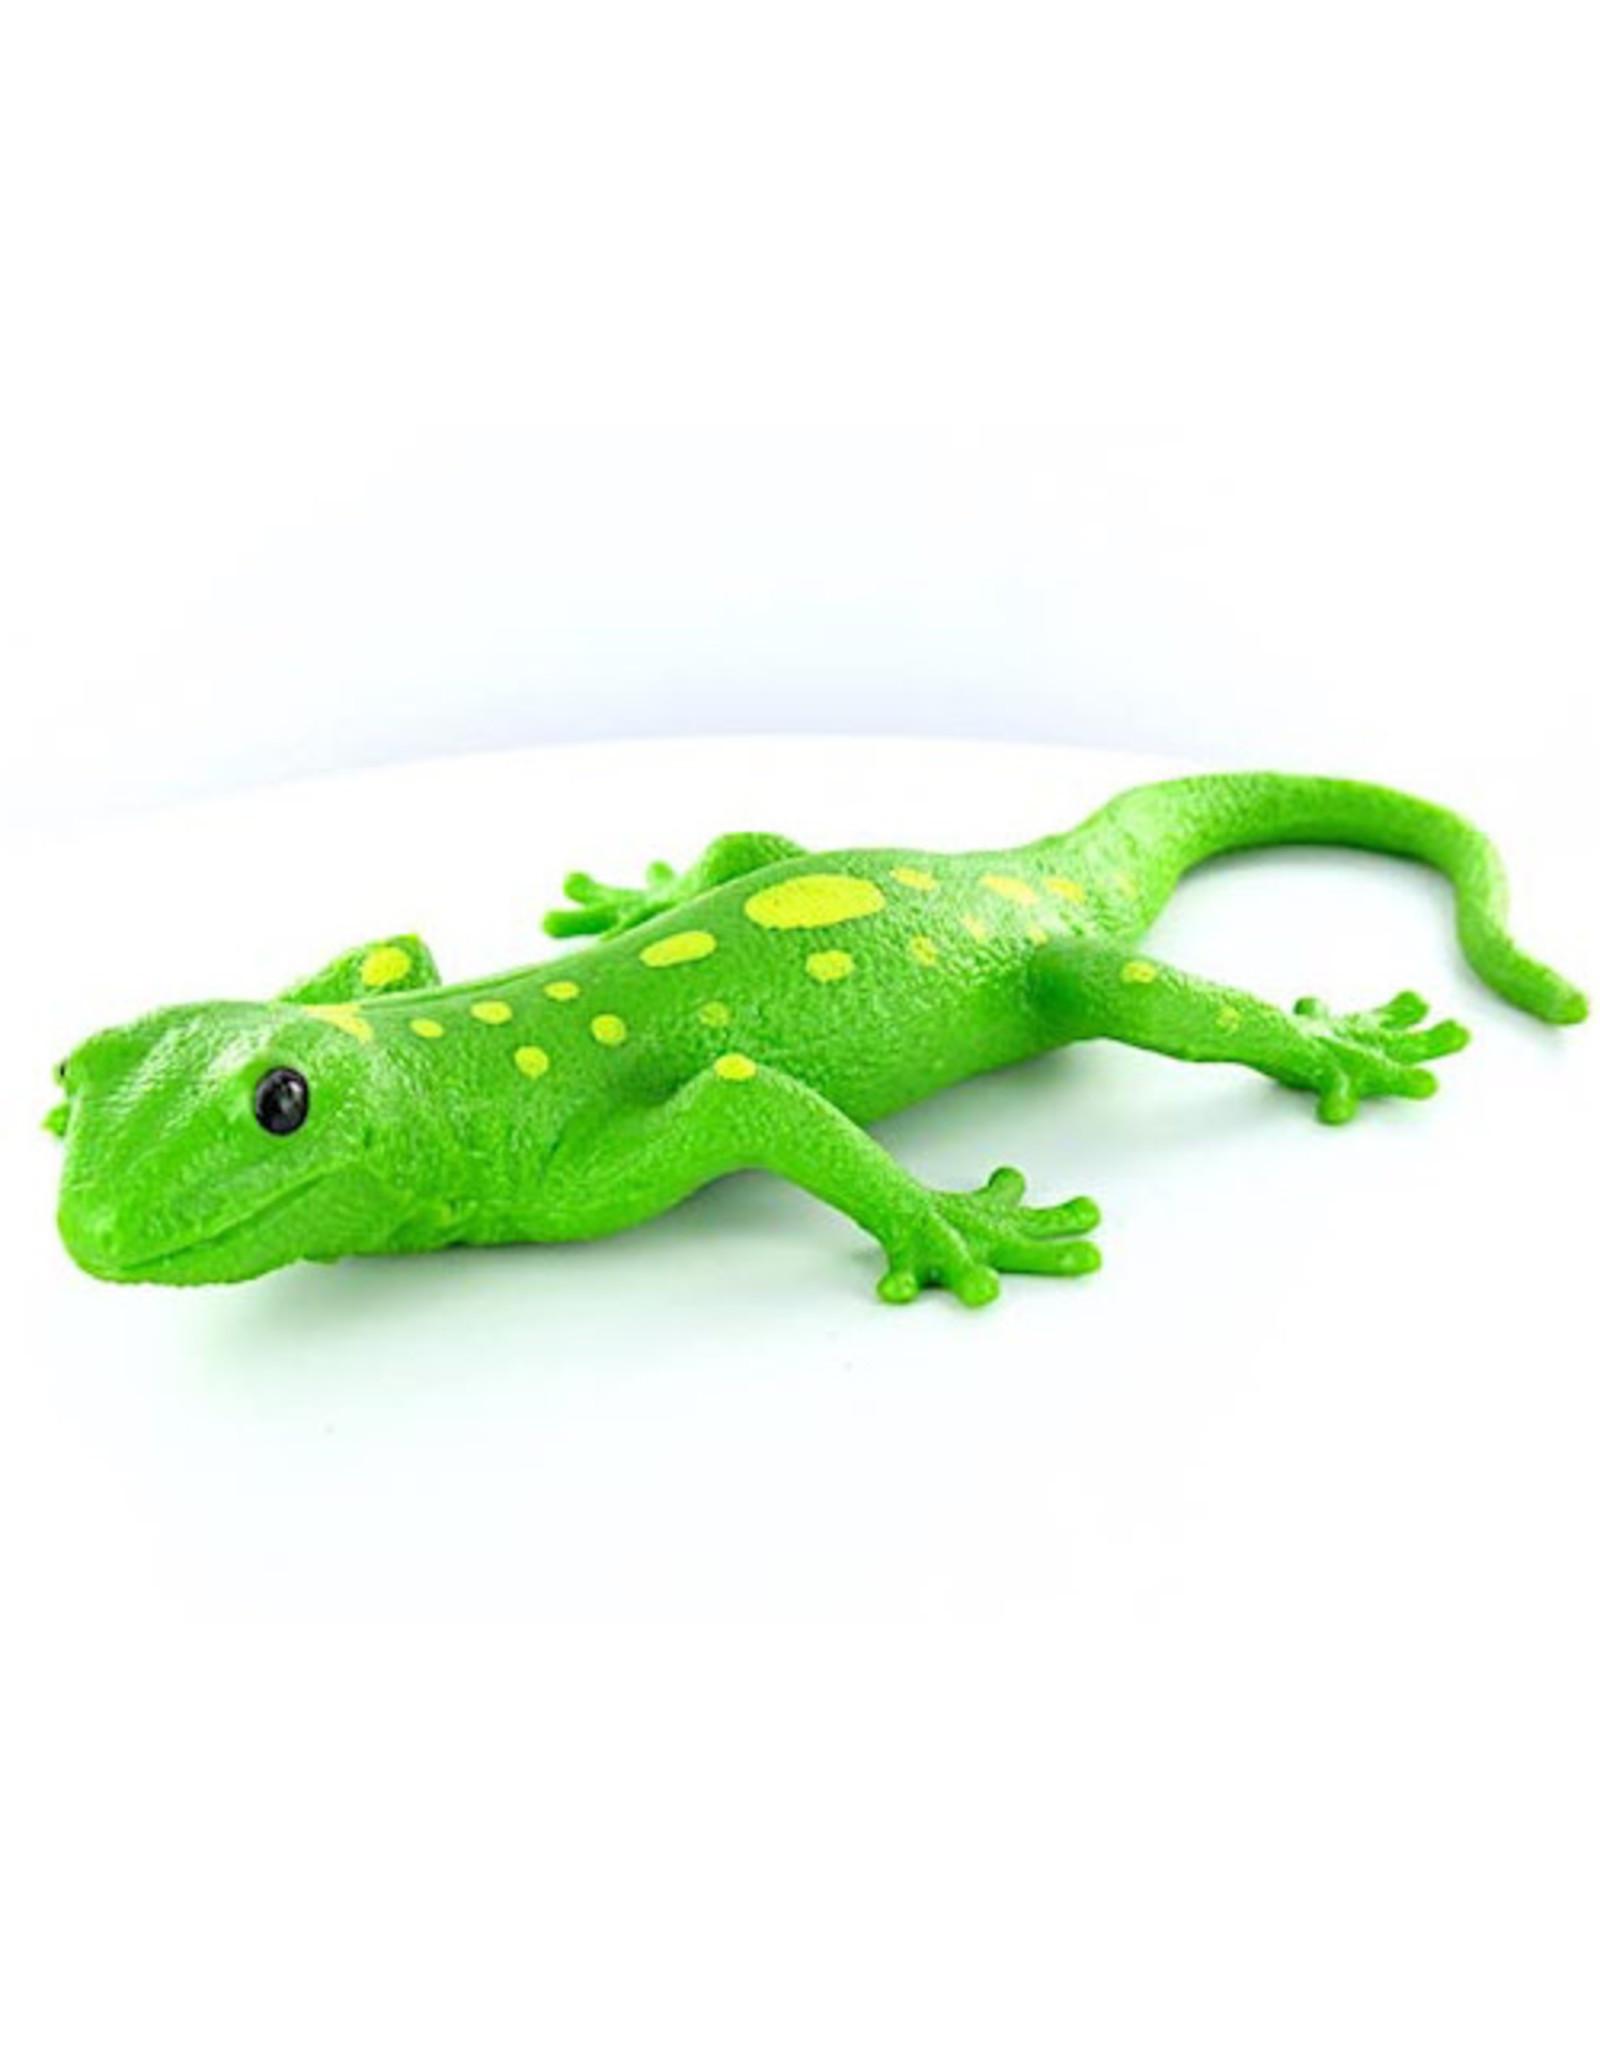 Lizard Squishimals